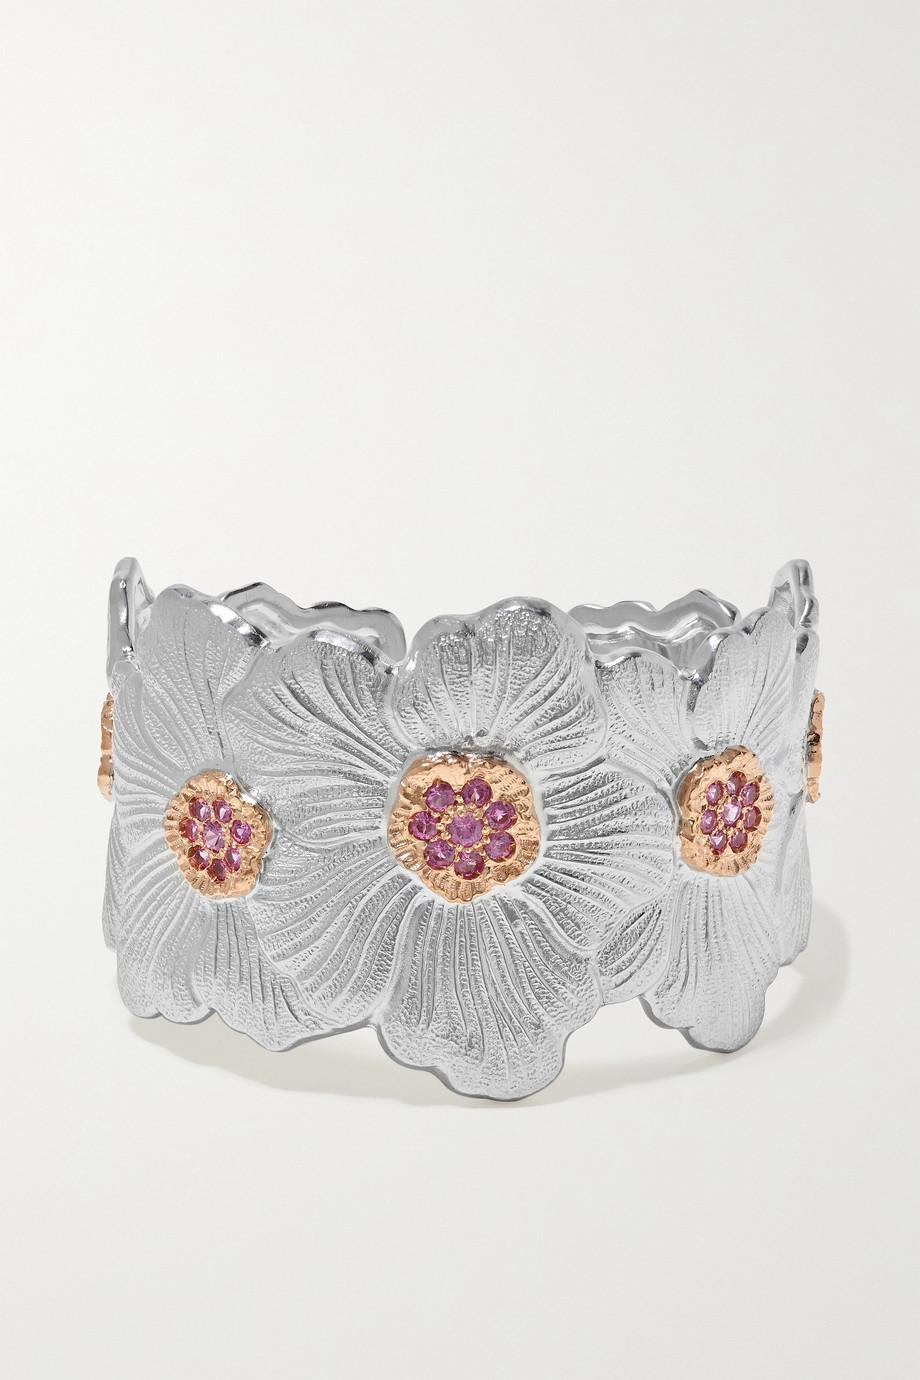 Buccellati Gardenia sterling silver and pink gold vermeil sapphire cuff